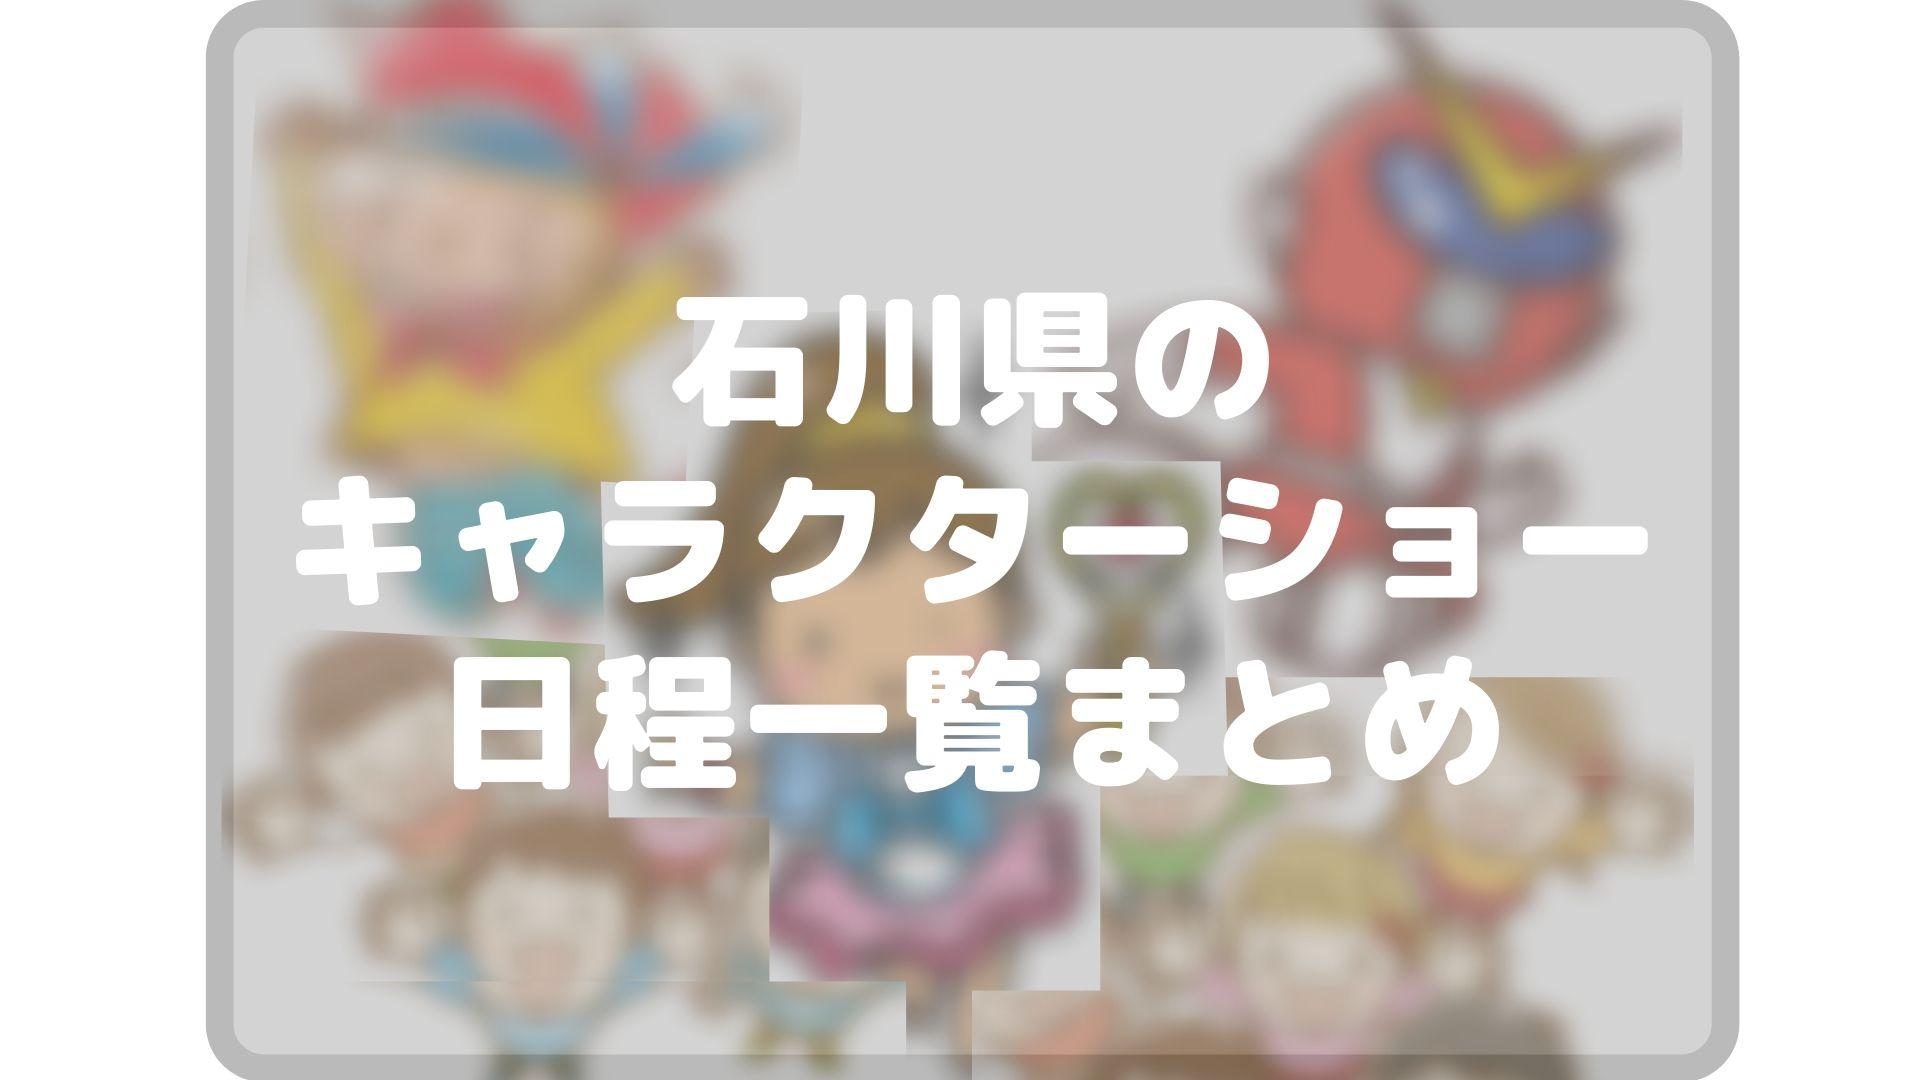 石川県のキャラクターショーまとめタイトル画像